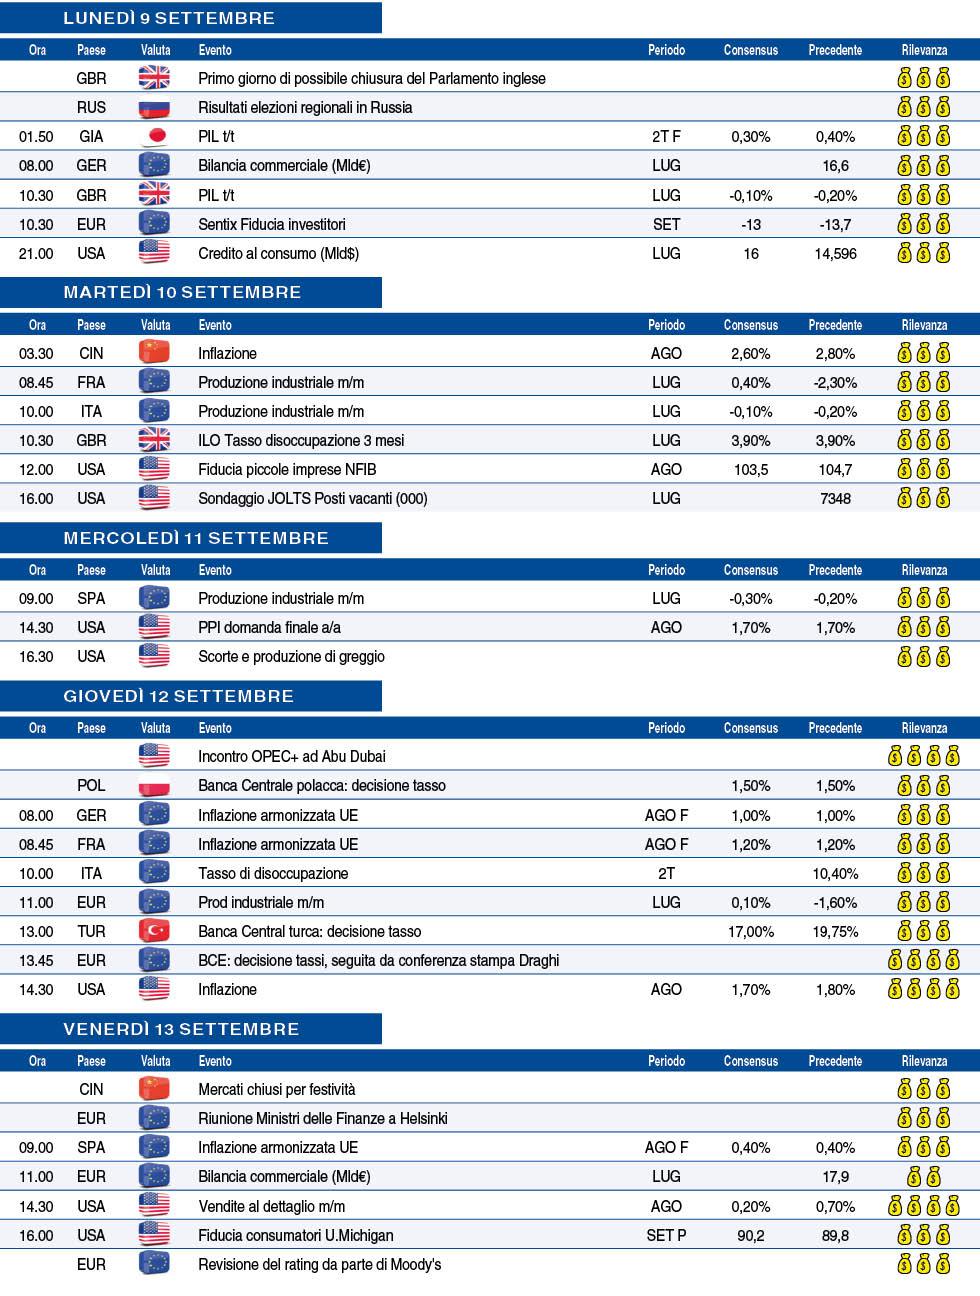 Calendario Borsa Italiana.Finanza Borsa Valute Economia Azioni Quotazioni Mutui